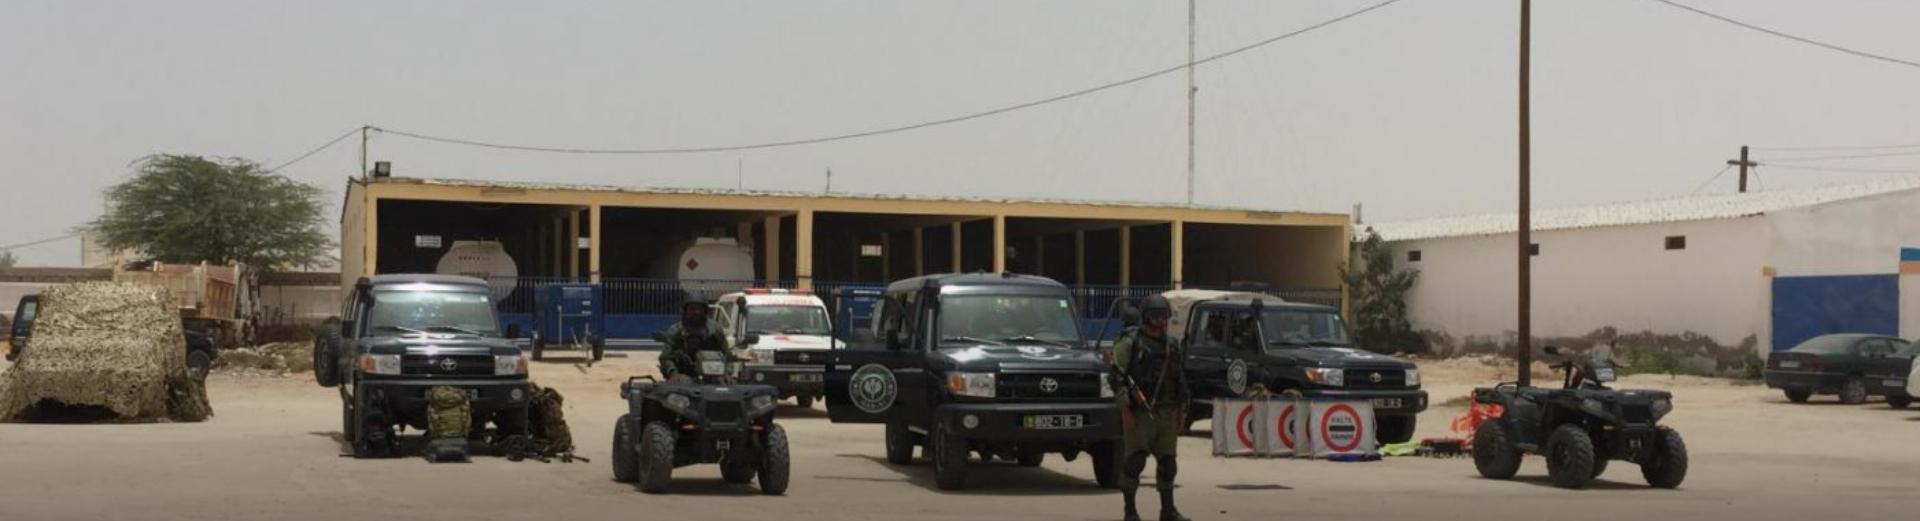 Les unités GARSI à l'honneur pour le jour de l'Indépendance en Mauritanie